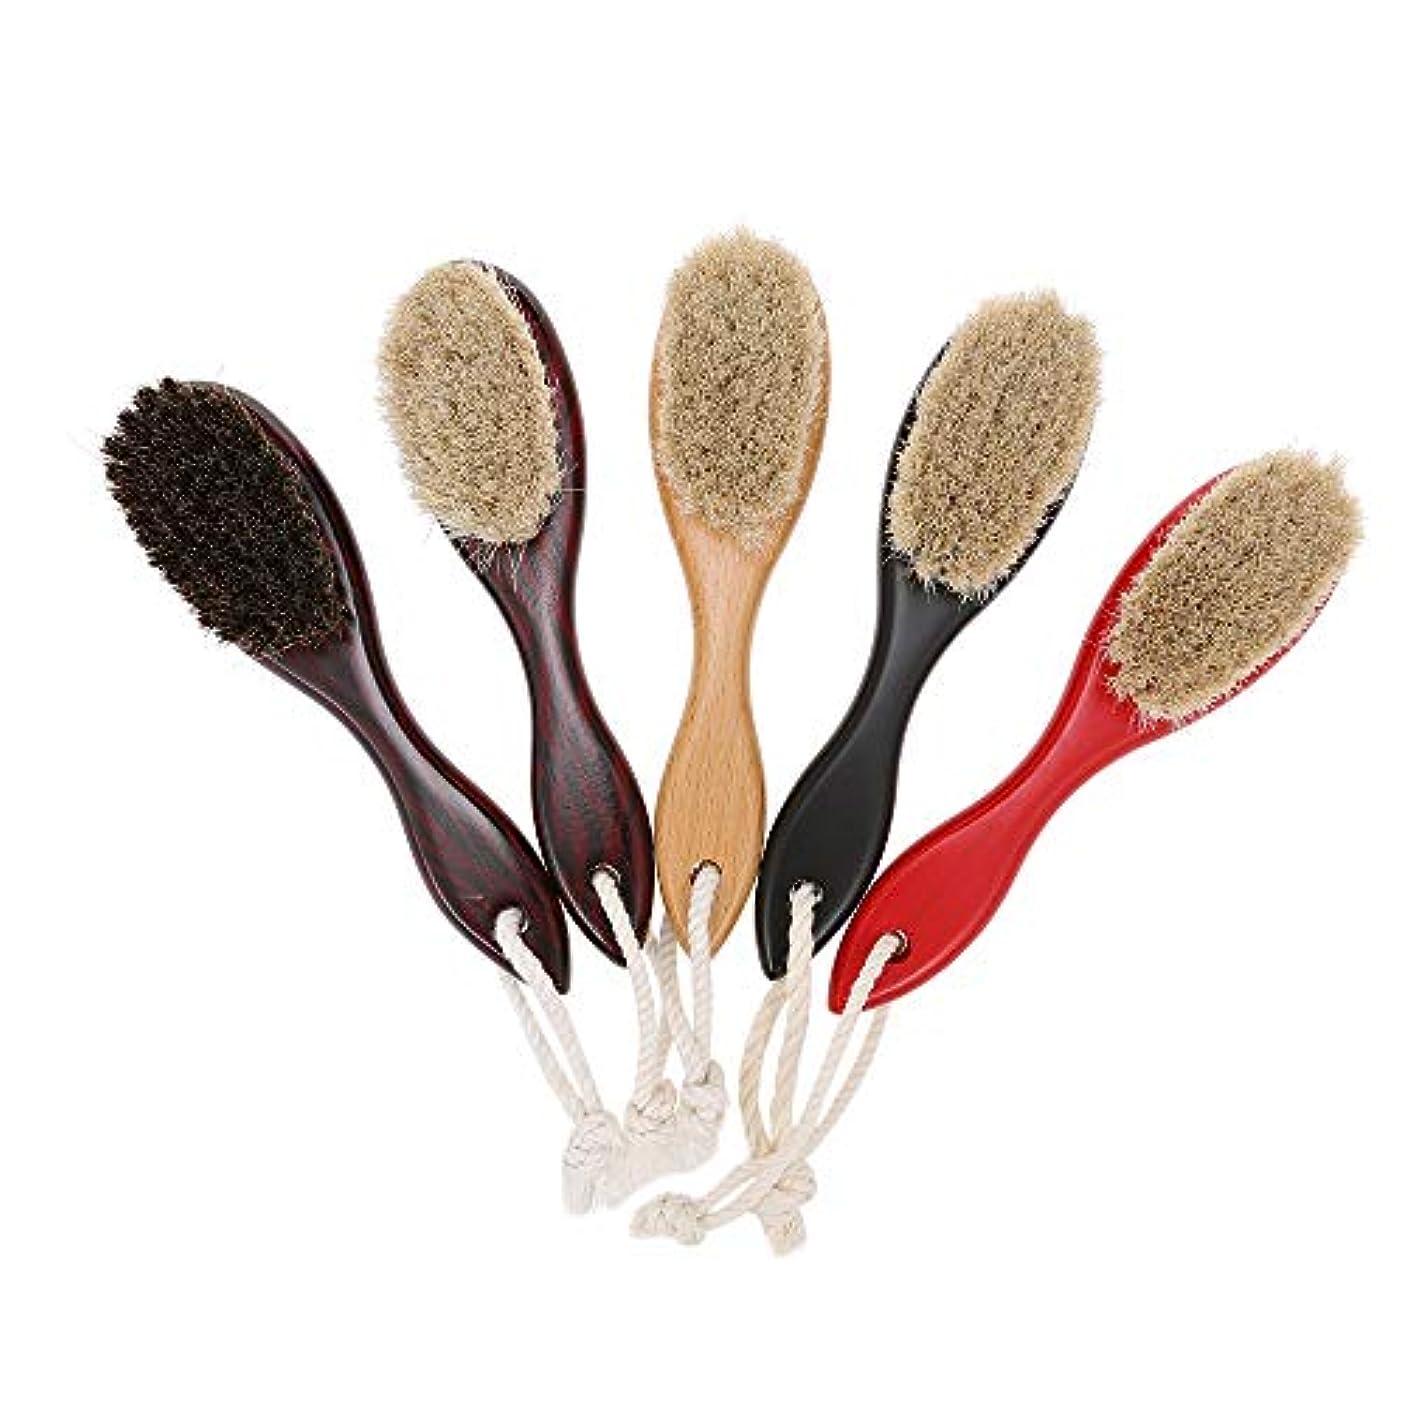 聞きます従事した動的Decdeal シェービングブラシ 男性 剃毛ブラシ 理髪店 サロン 木製ハンドル かみそりブラシ ひげ剃りツール